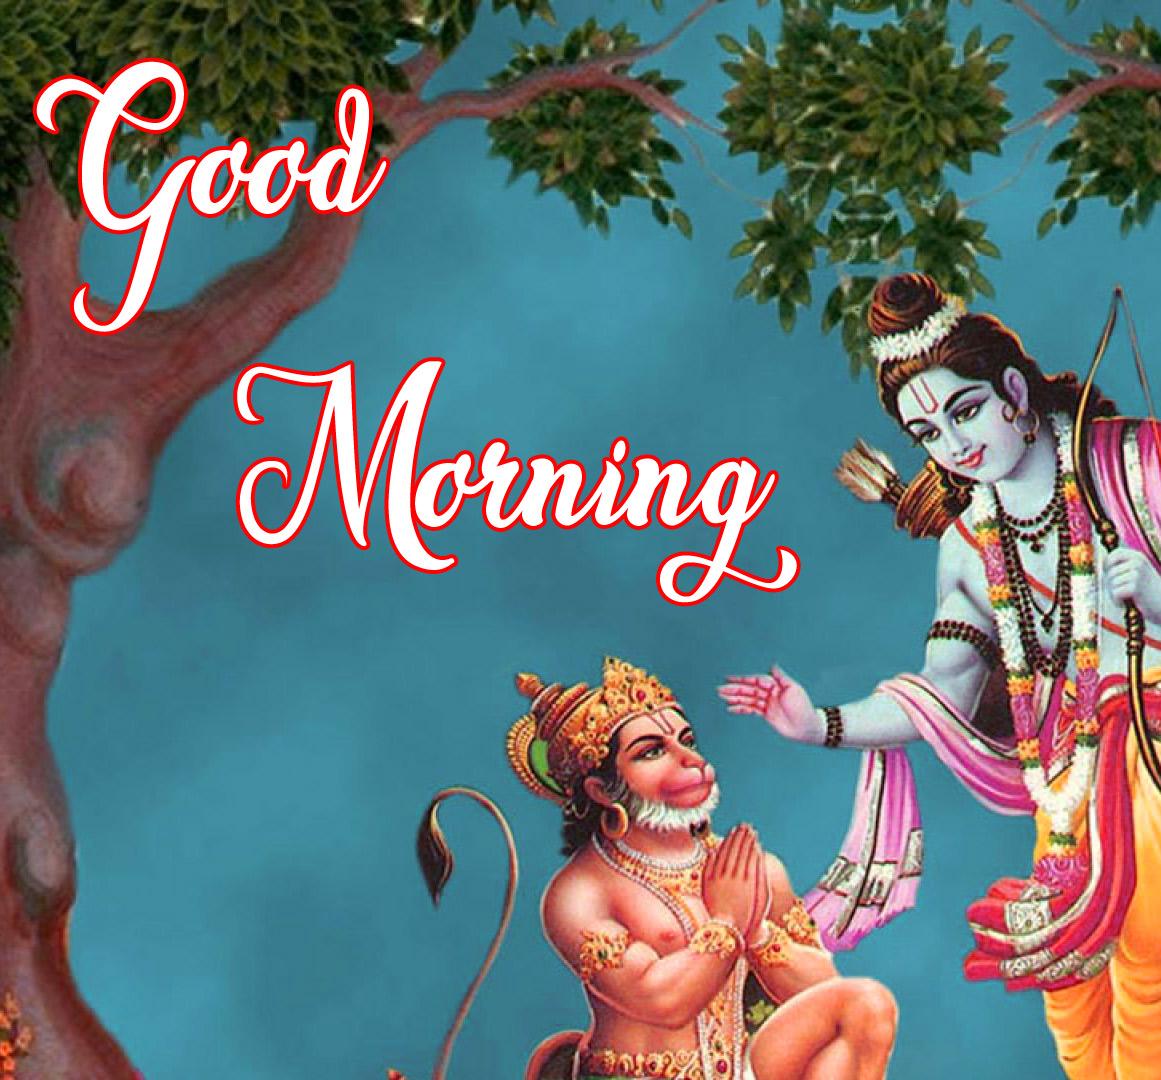 Lord Hanuman Ji good morning Images Download Free